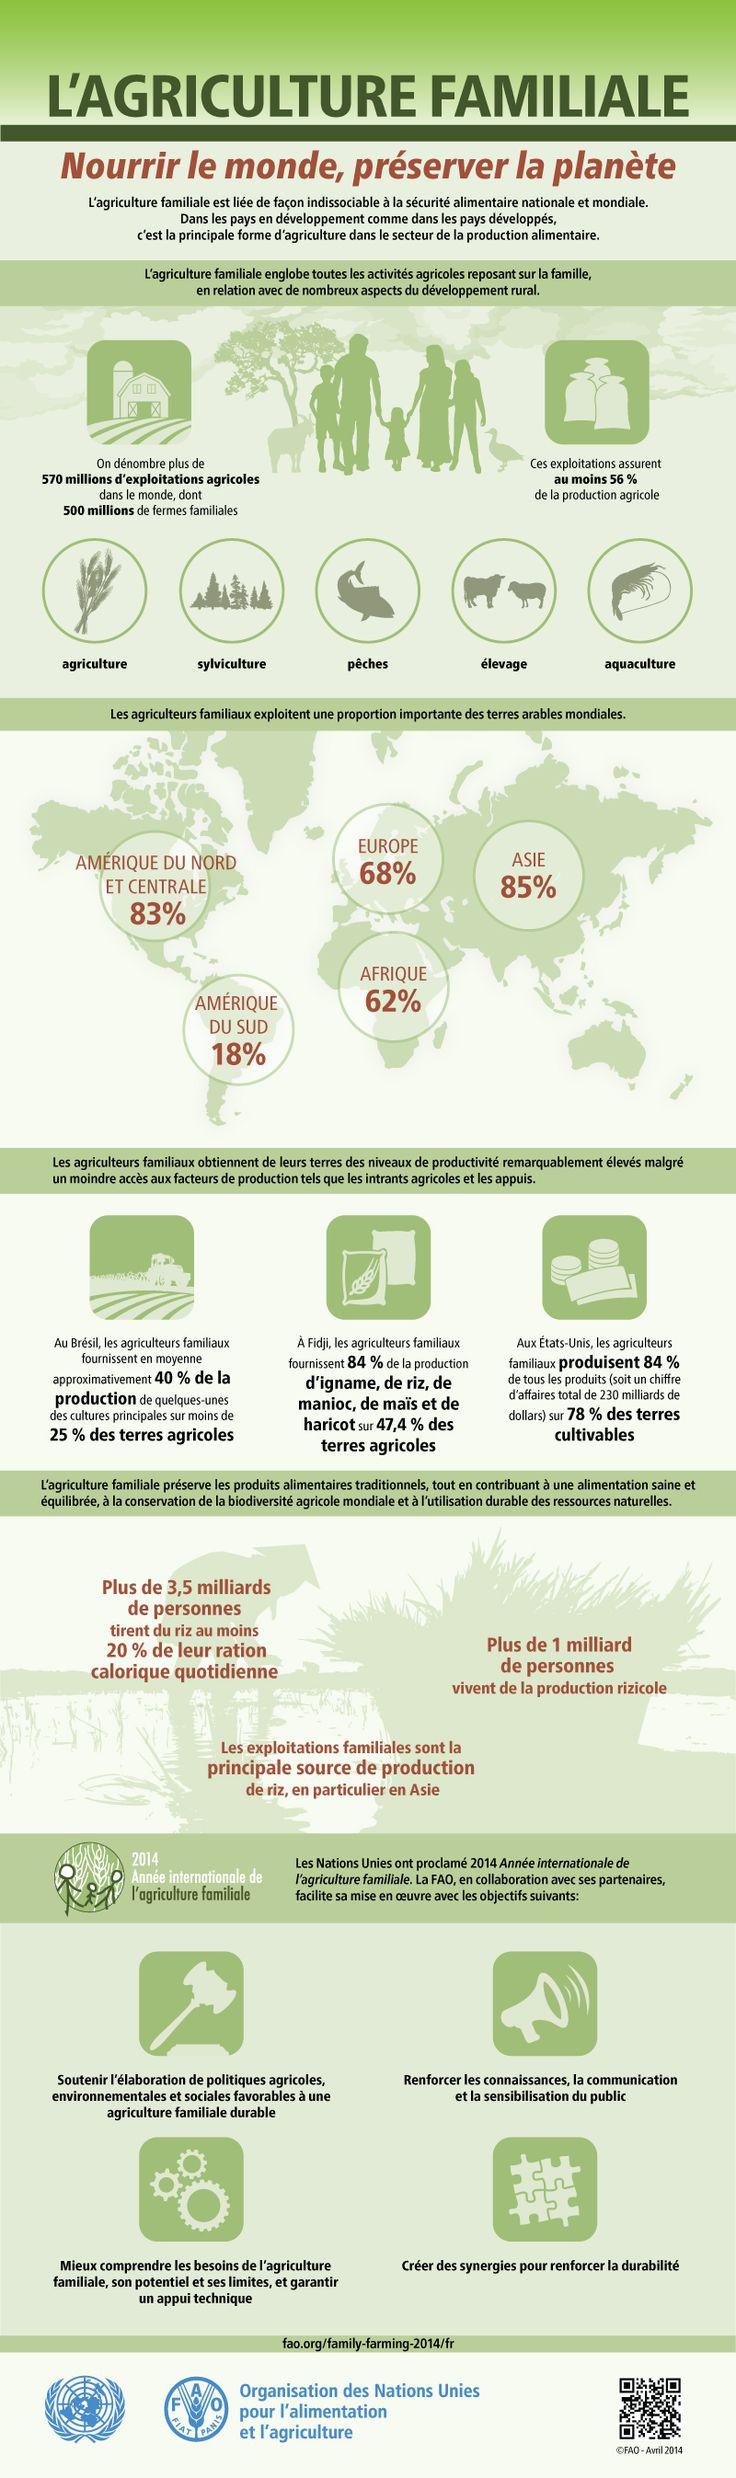 Infographie de la FAO : L'agriculture Familiale: Nourrir le monde, préserver la planète